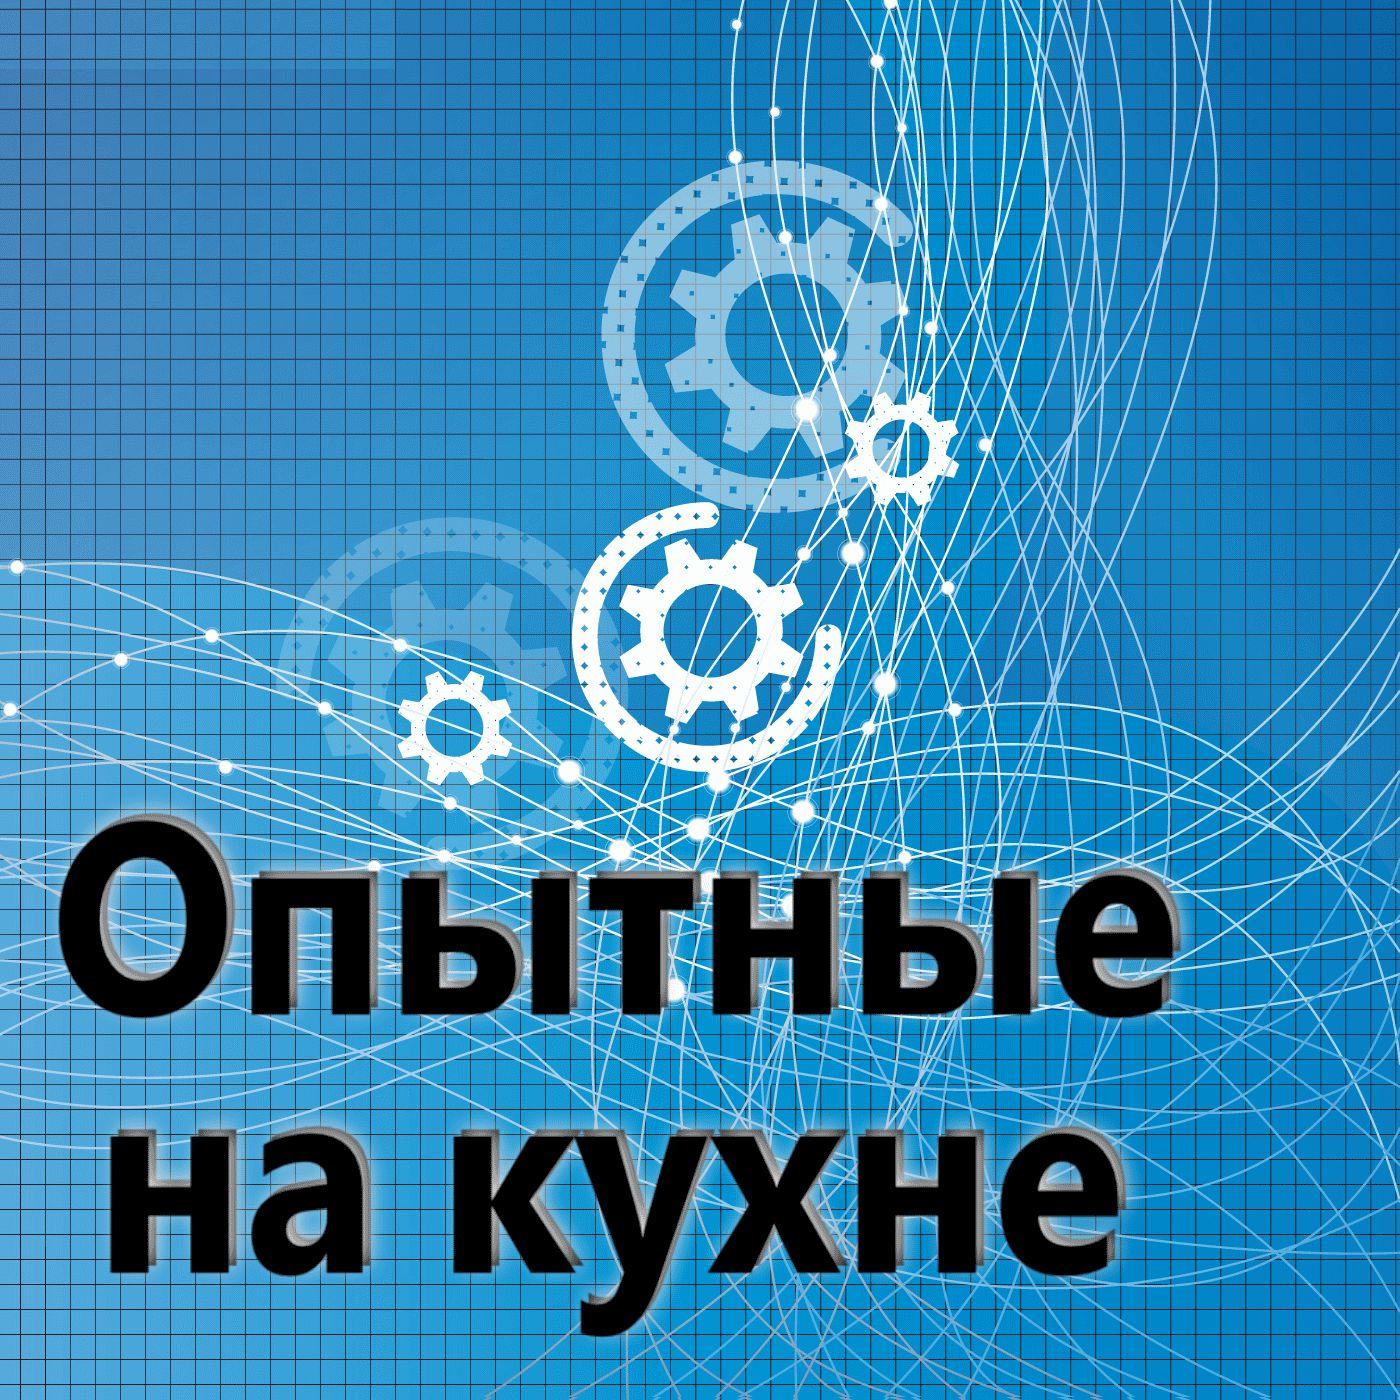 Евгений Плешивцев Редкие, архивные записи подкаста «Опытные на кухне». Часть 1